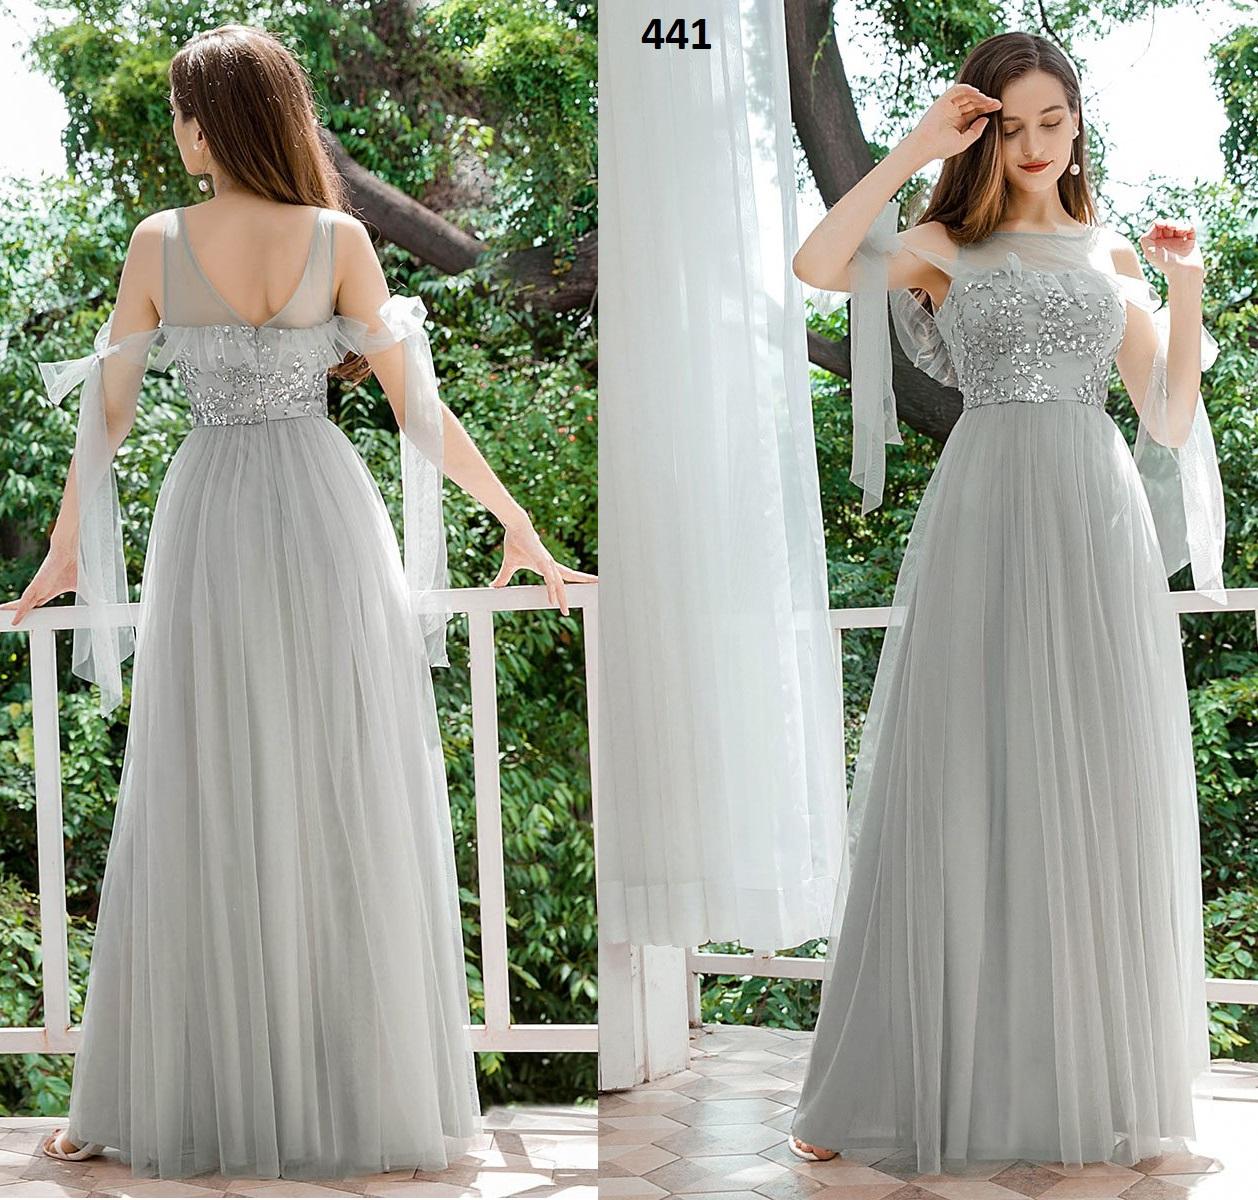 Vestido Largo 441 talla 44